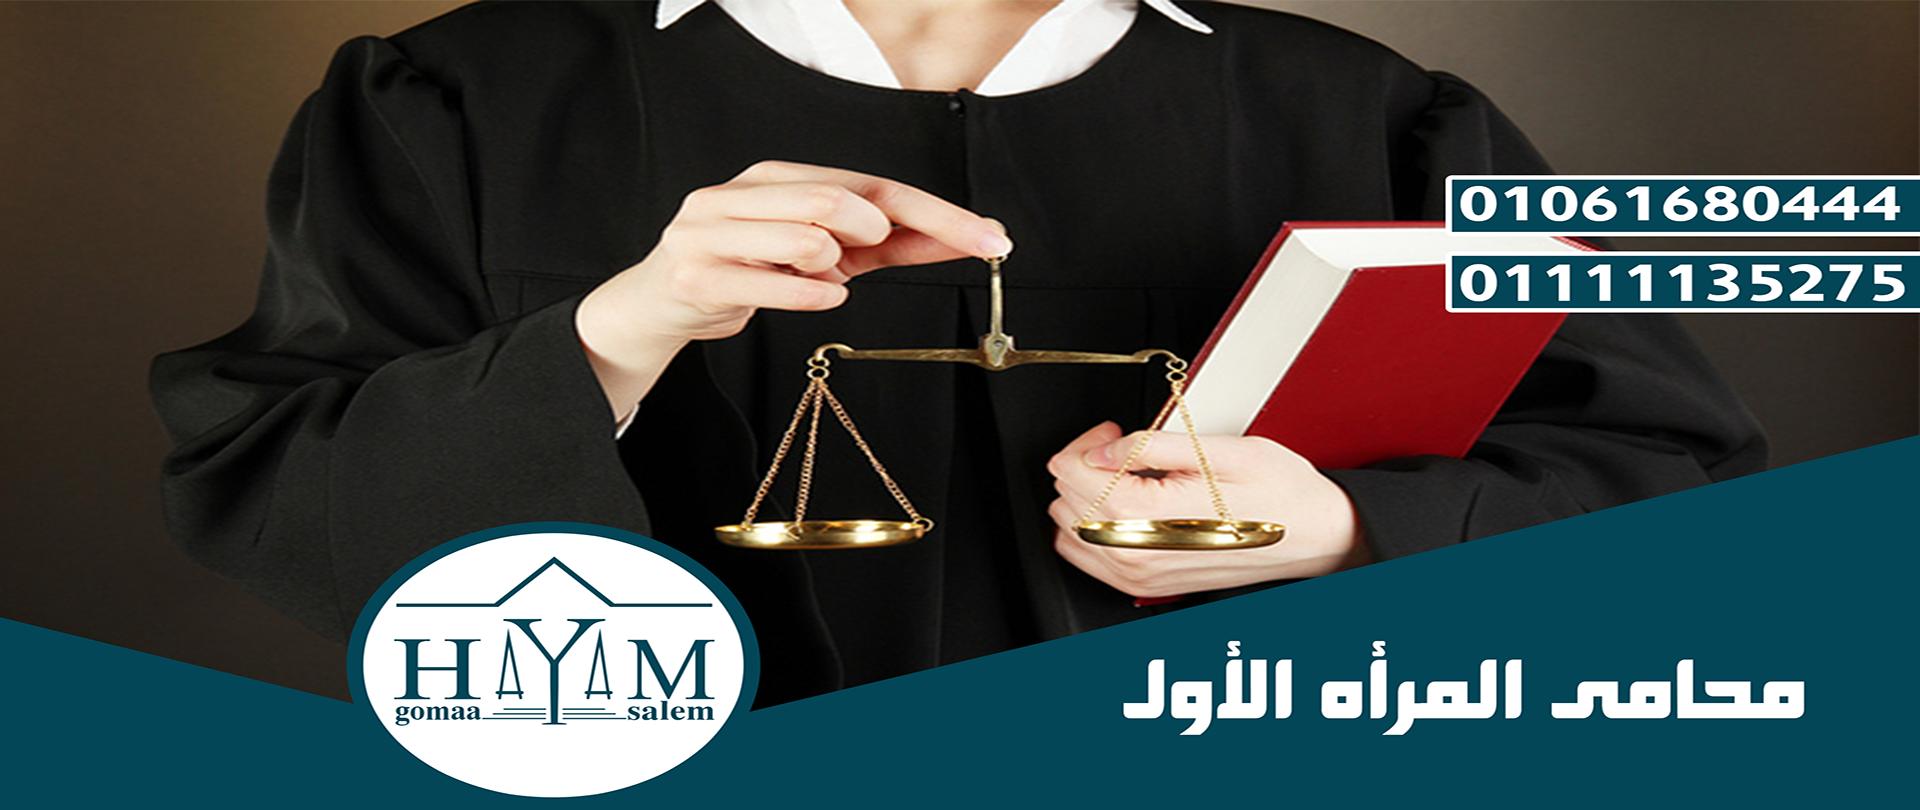 محامى-المرأه-الأول-copy-1